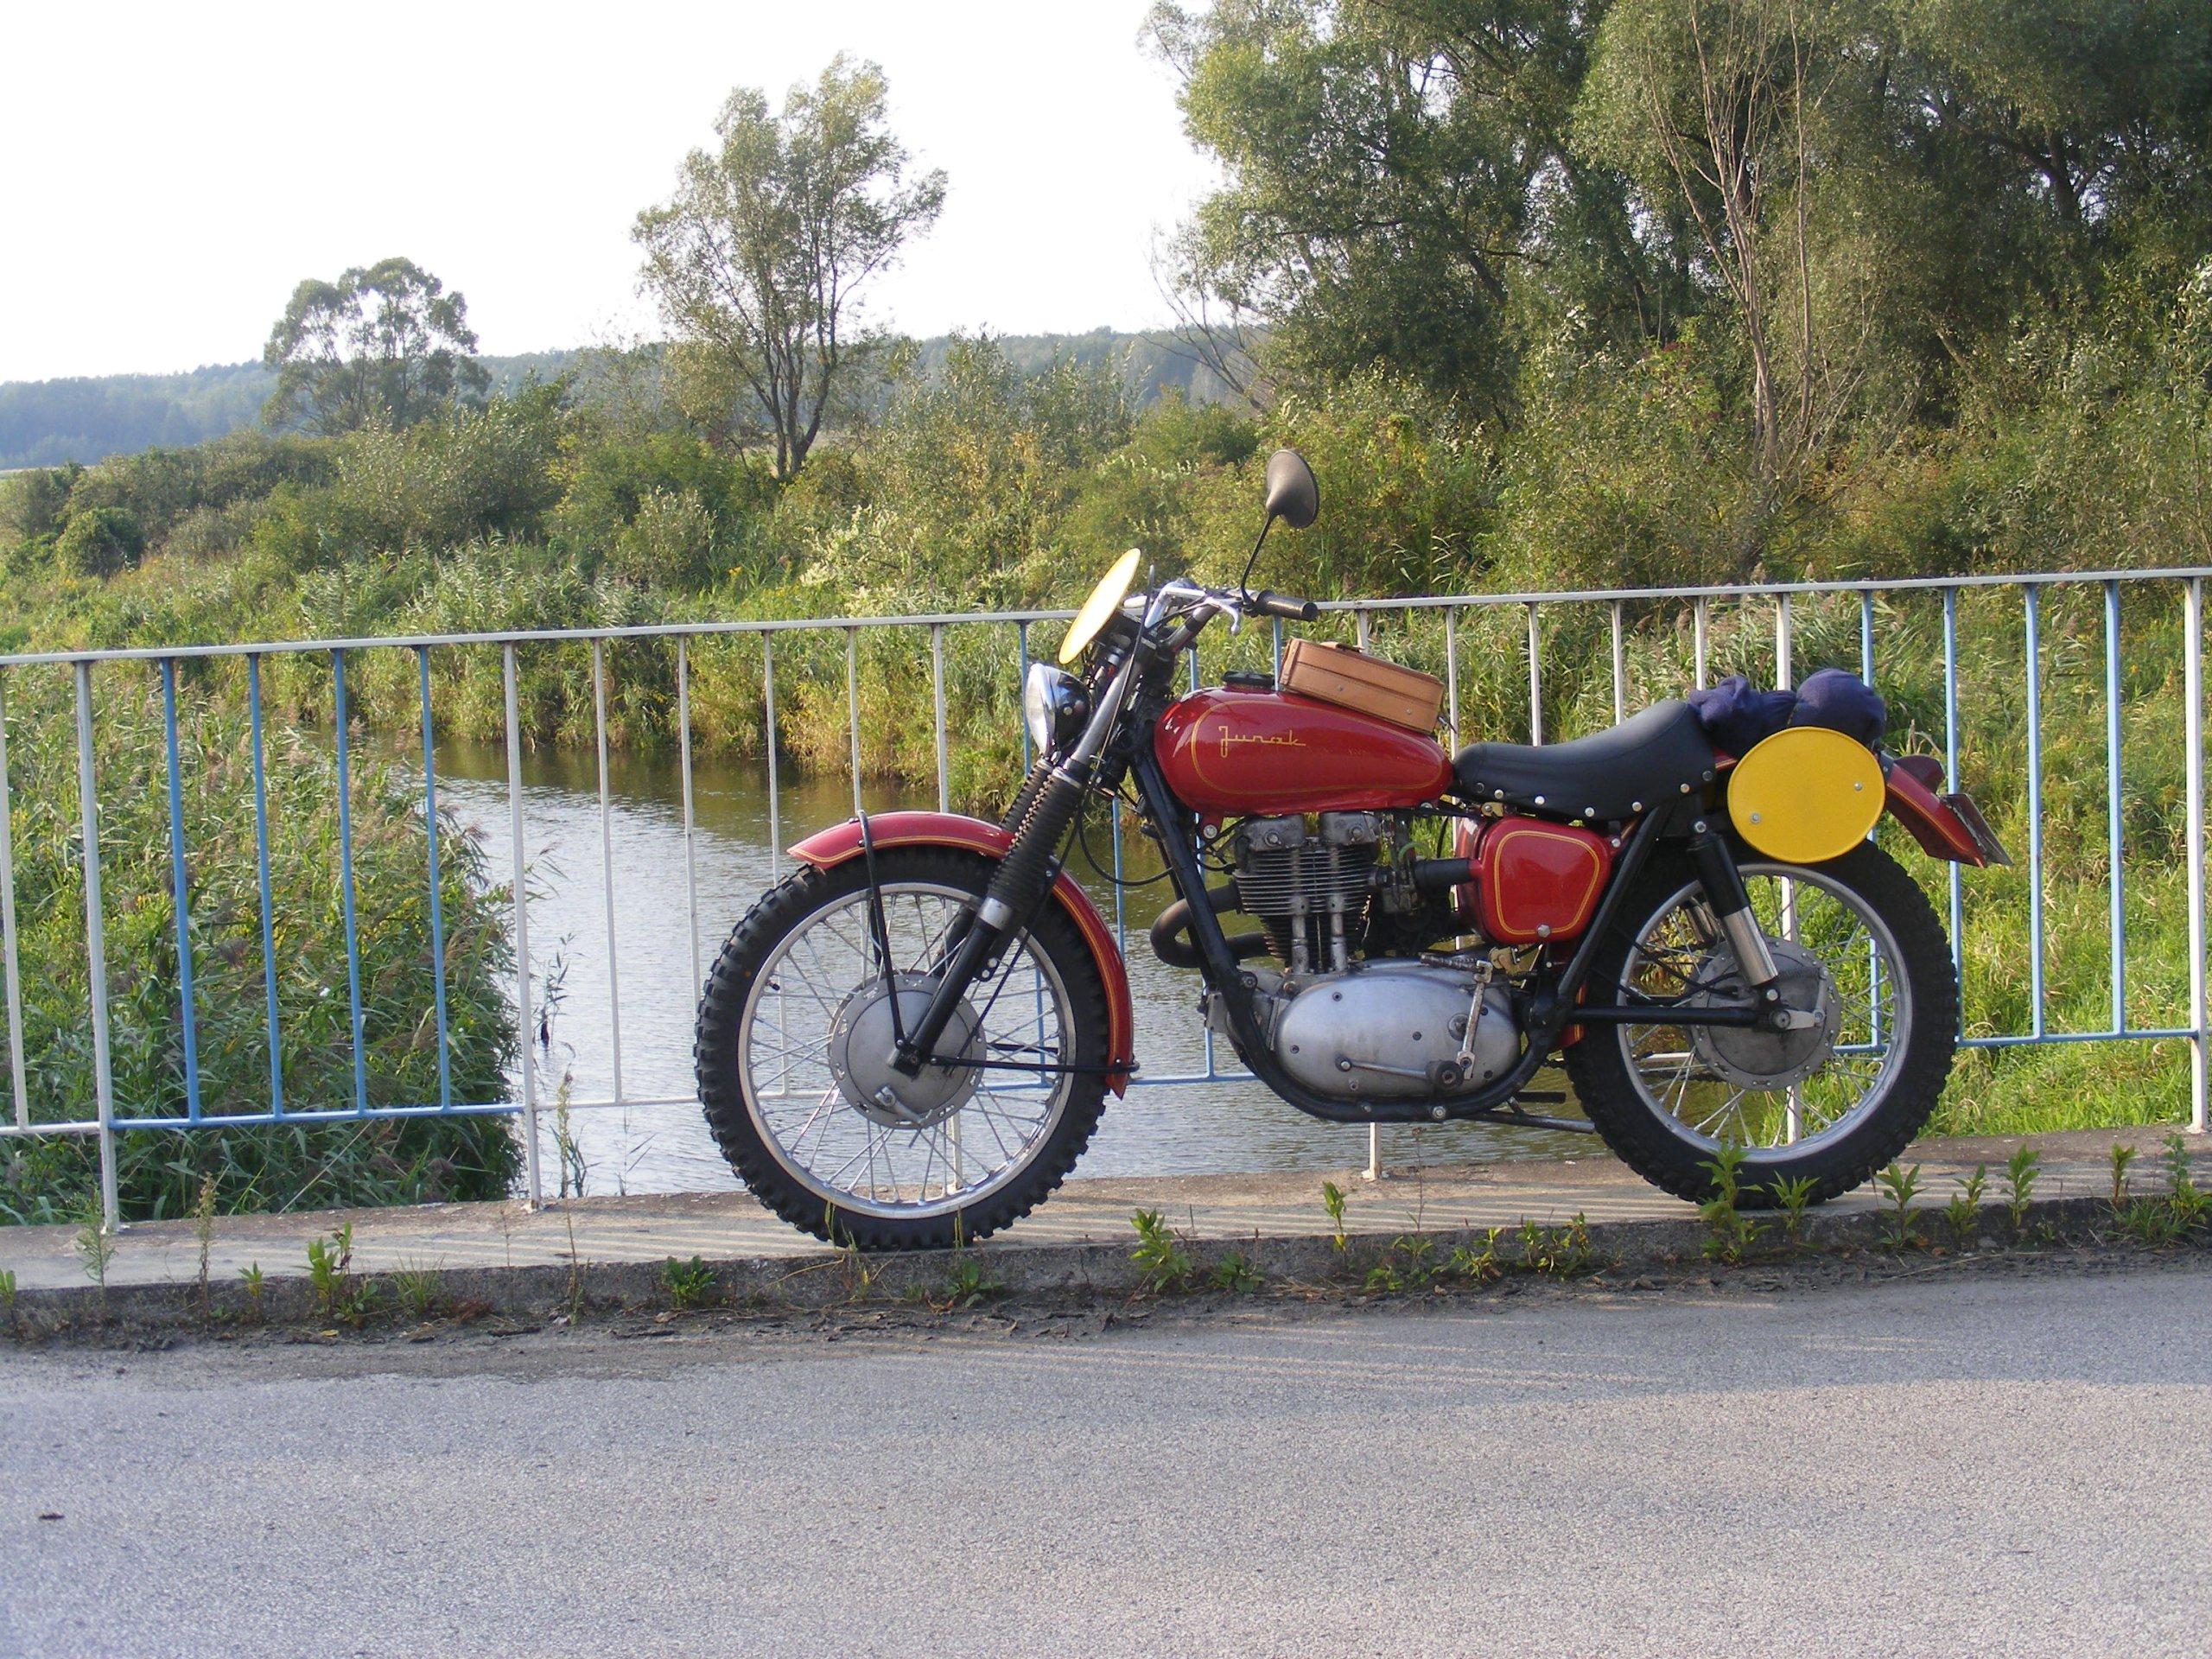 Junak M10 Scrambler 7012425124 Oficjalne Archiwum Allegro